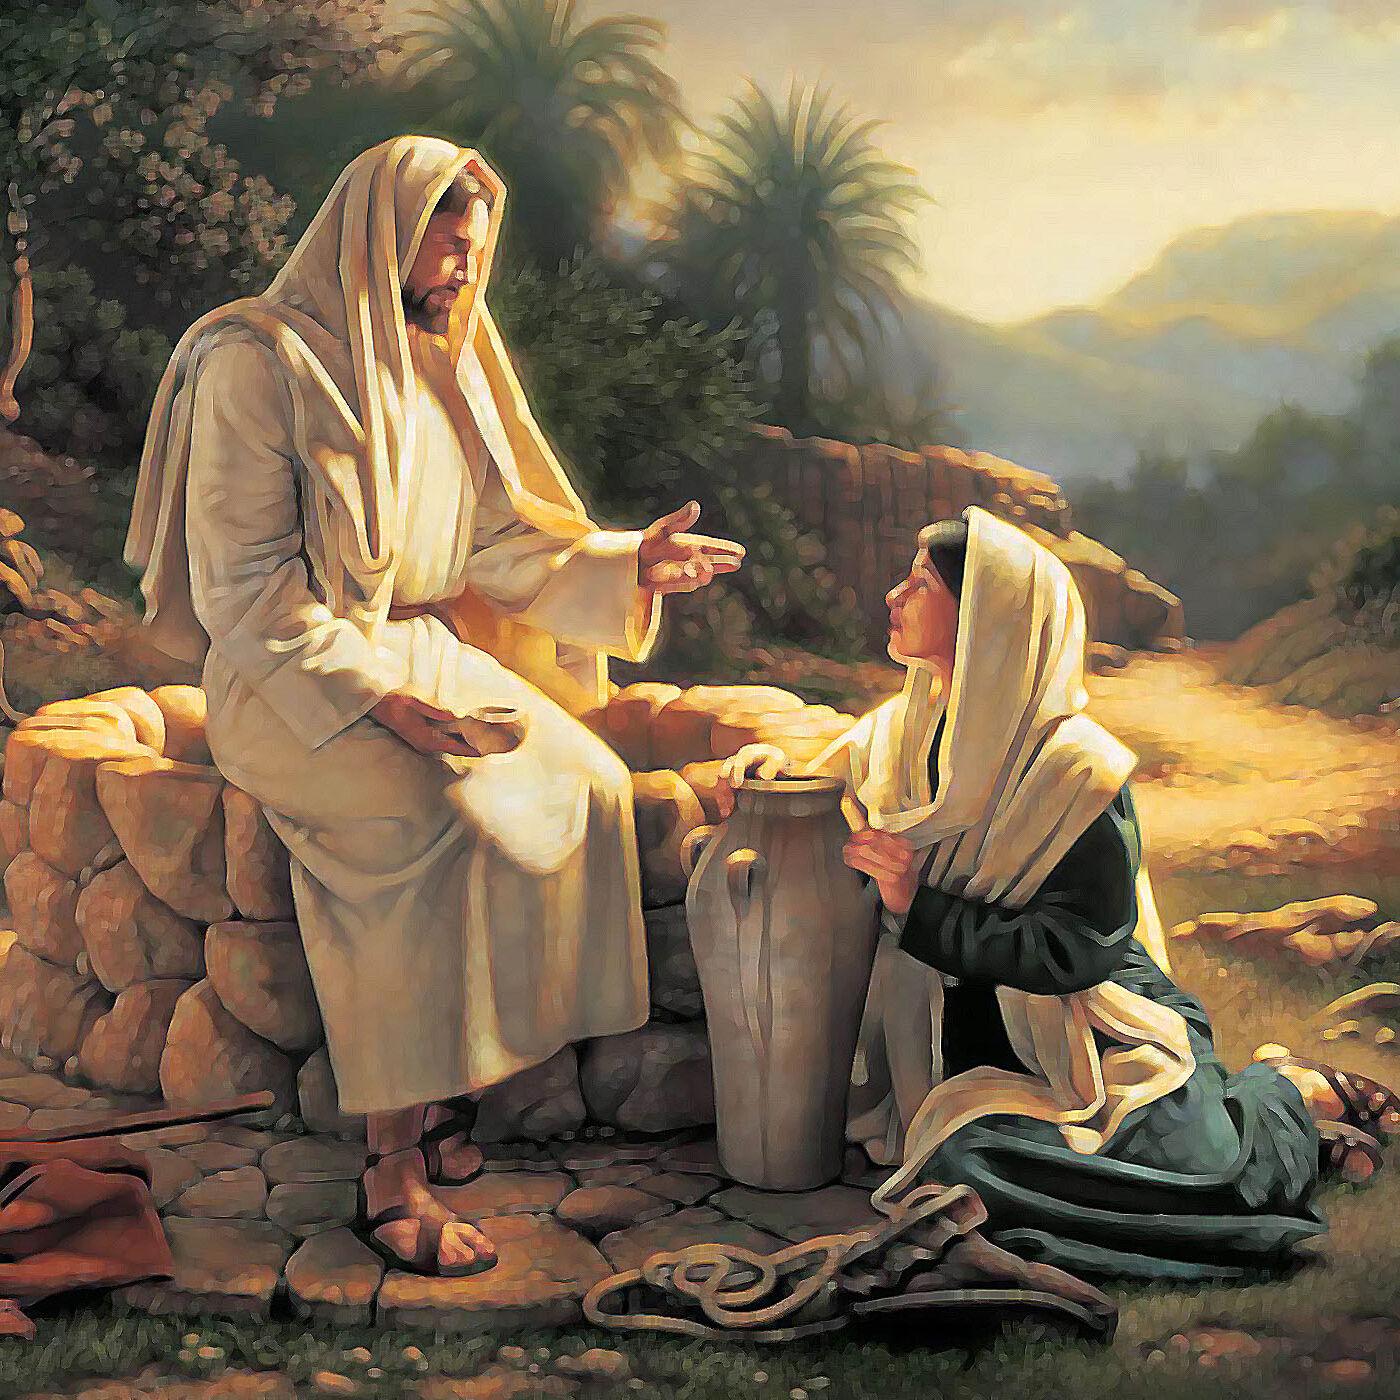 riflessioni sul Vangelo di Lunedì 26 Aprile 2021 (Gv 10, 1-10)